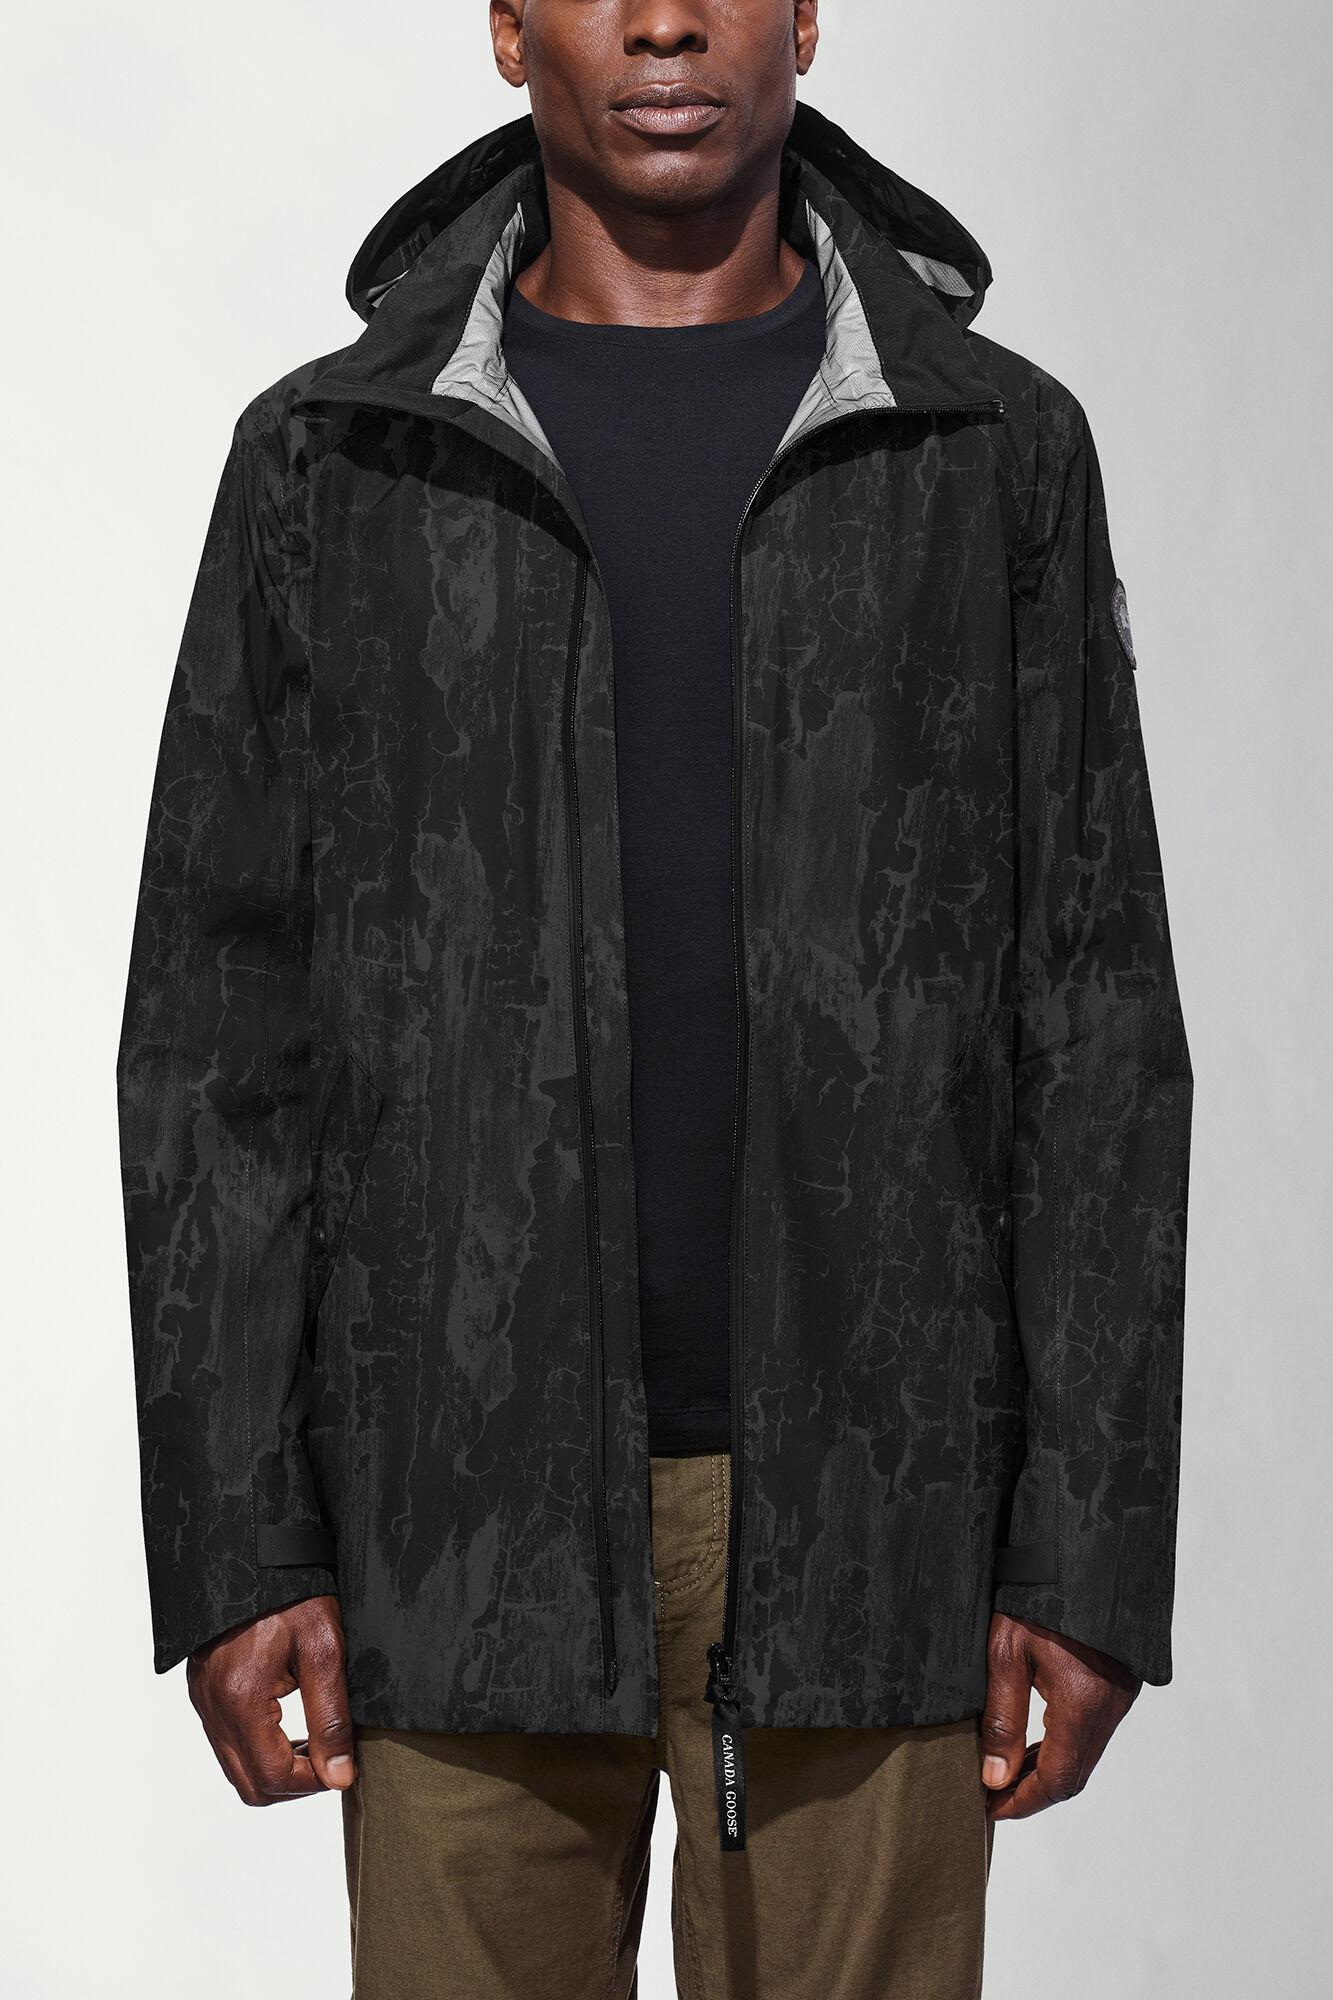 men 39 s riverhead jacket black label canada goose. Black Bedroom Furniture Sets. Home Design Ideas